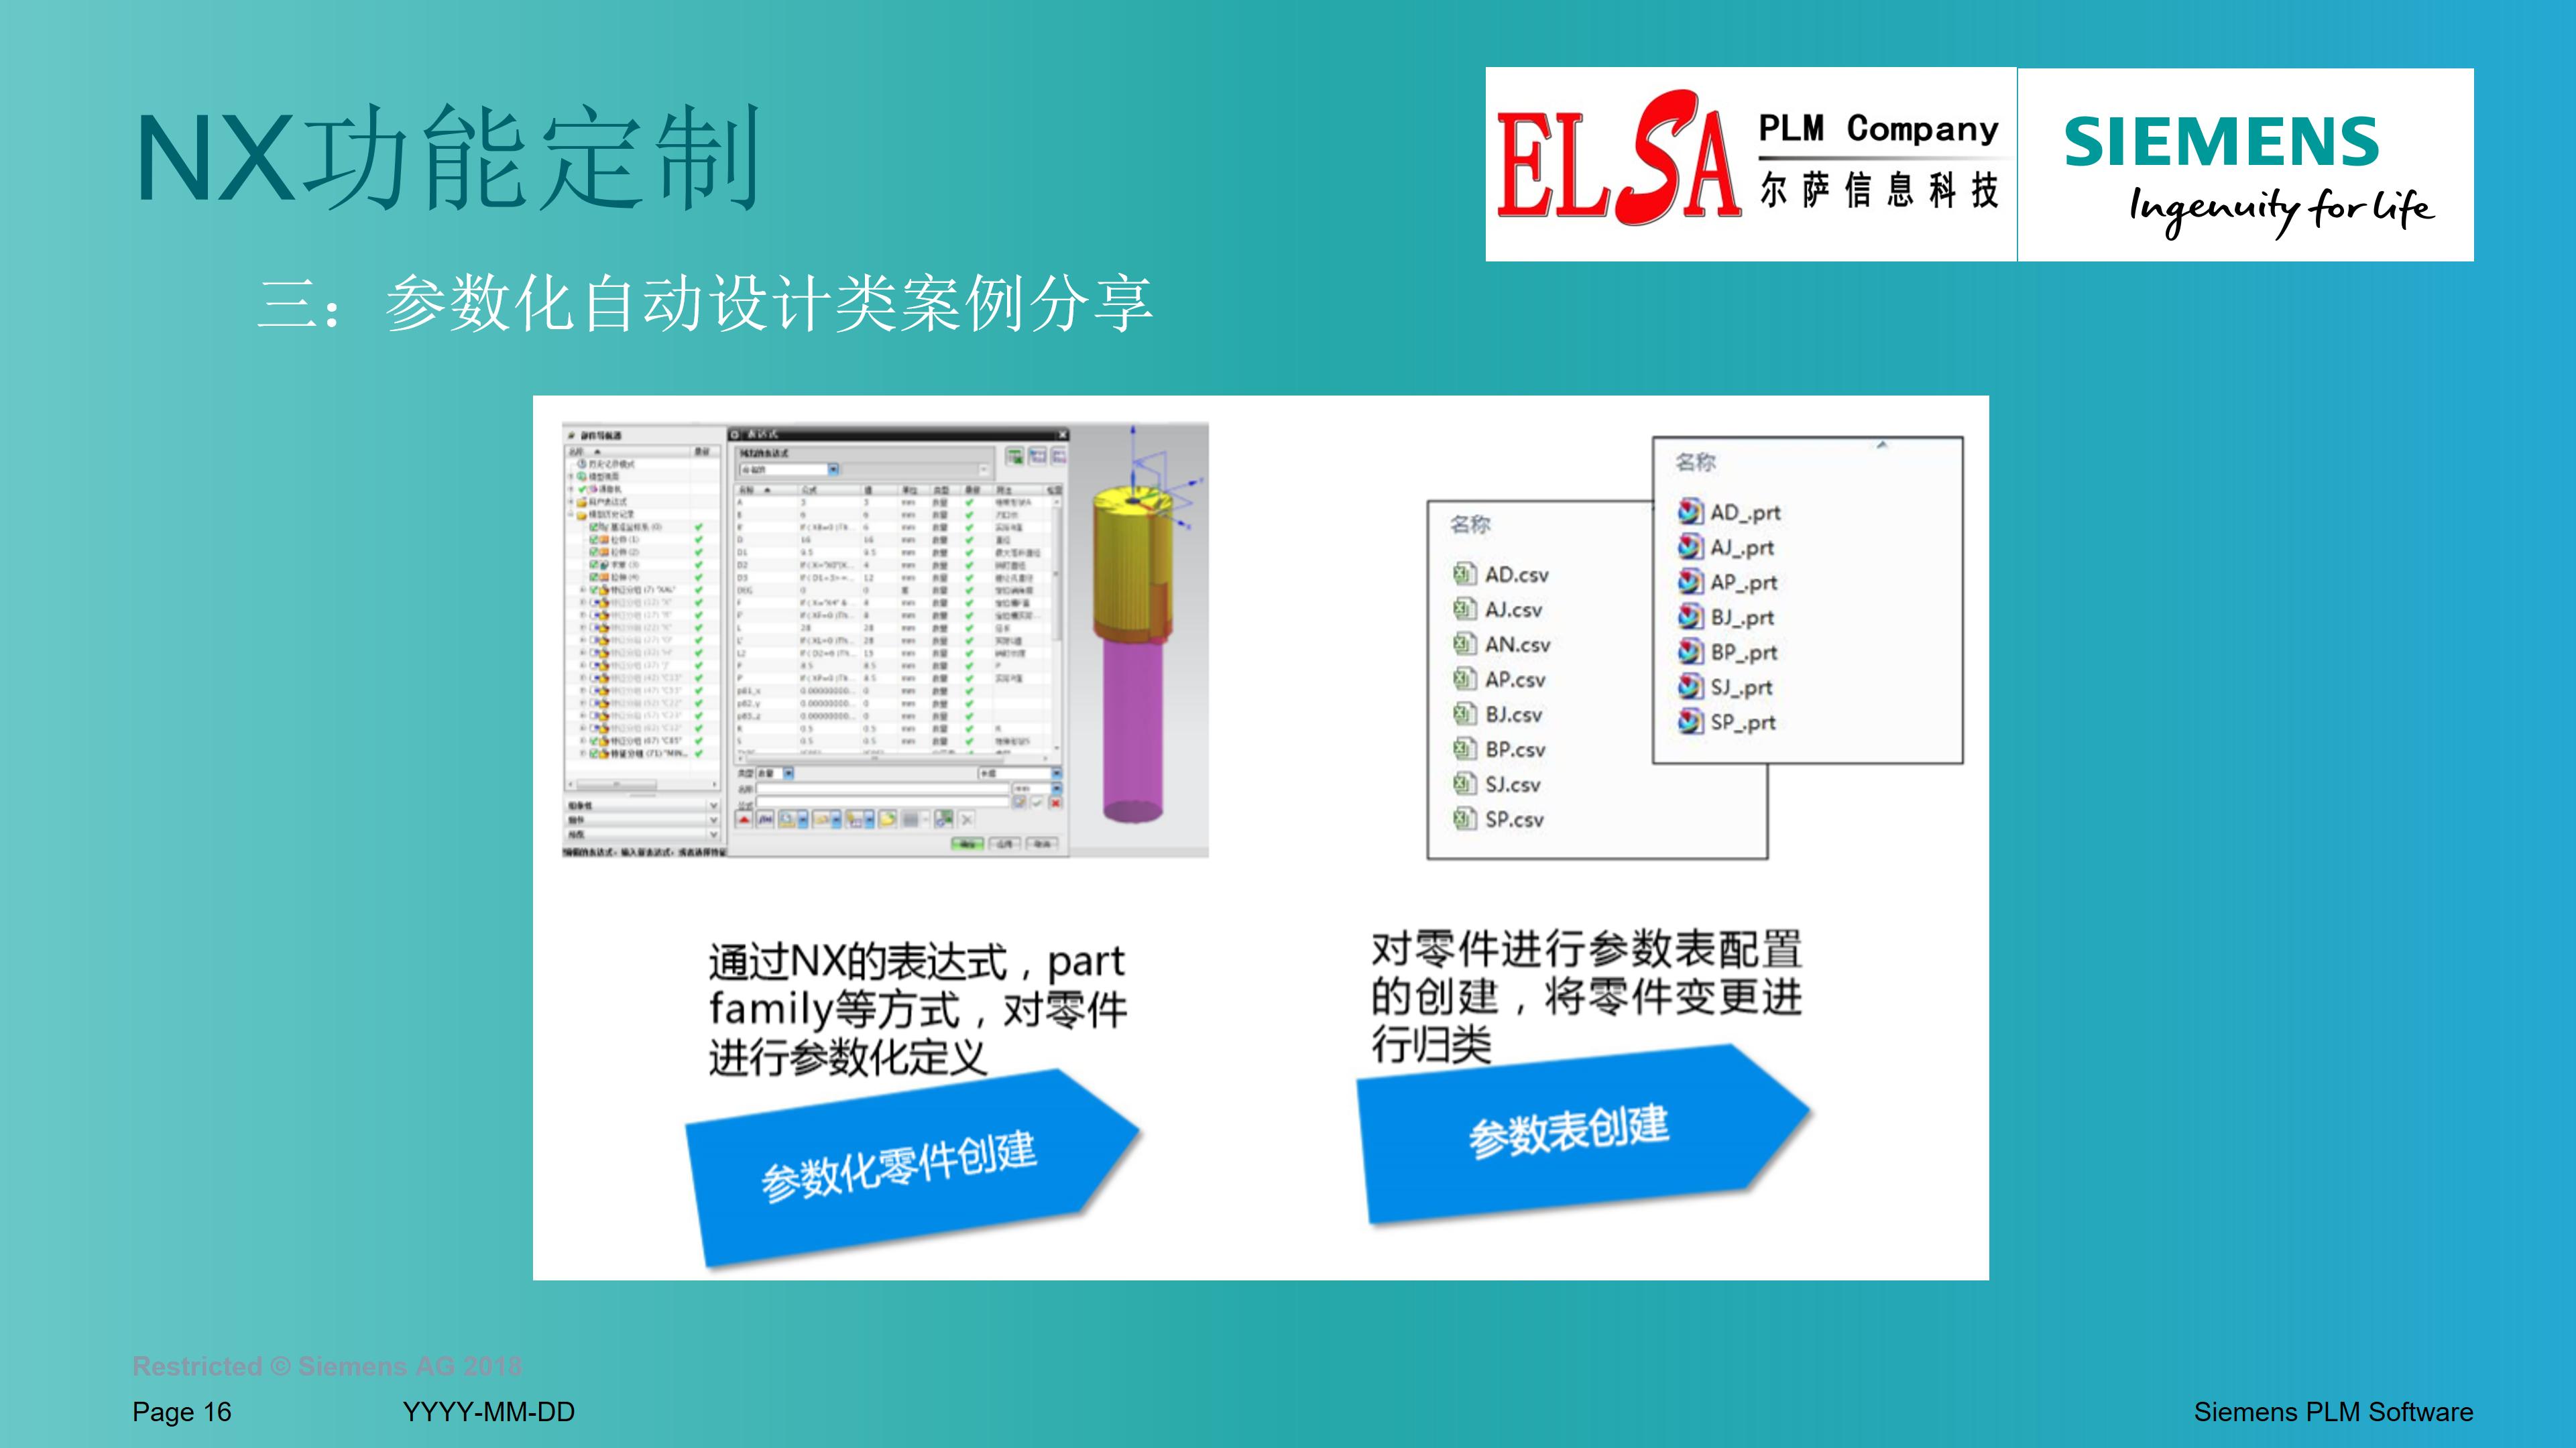 上海尔萨信息科技有限公司-技术业务介绍-上海尔萨信息科技有限公司-技术业务介绍_16